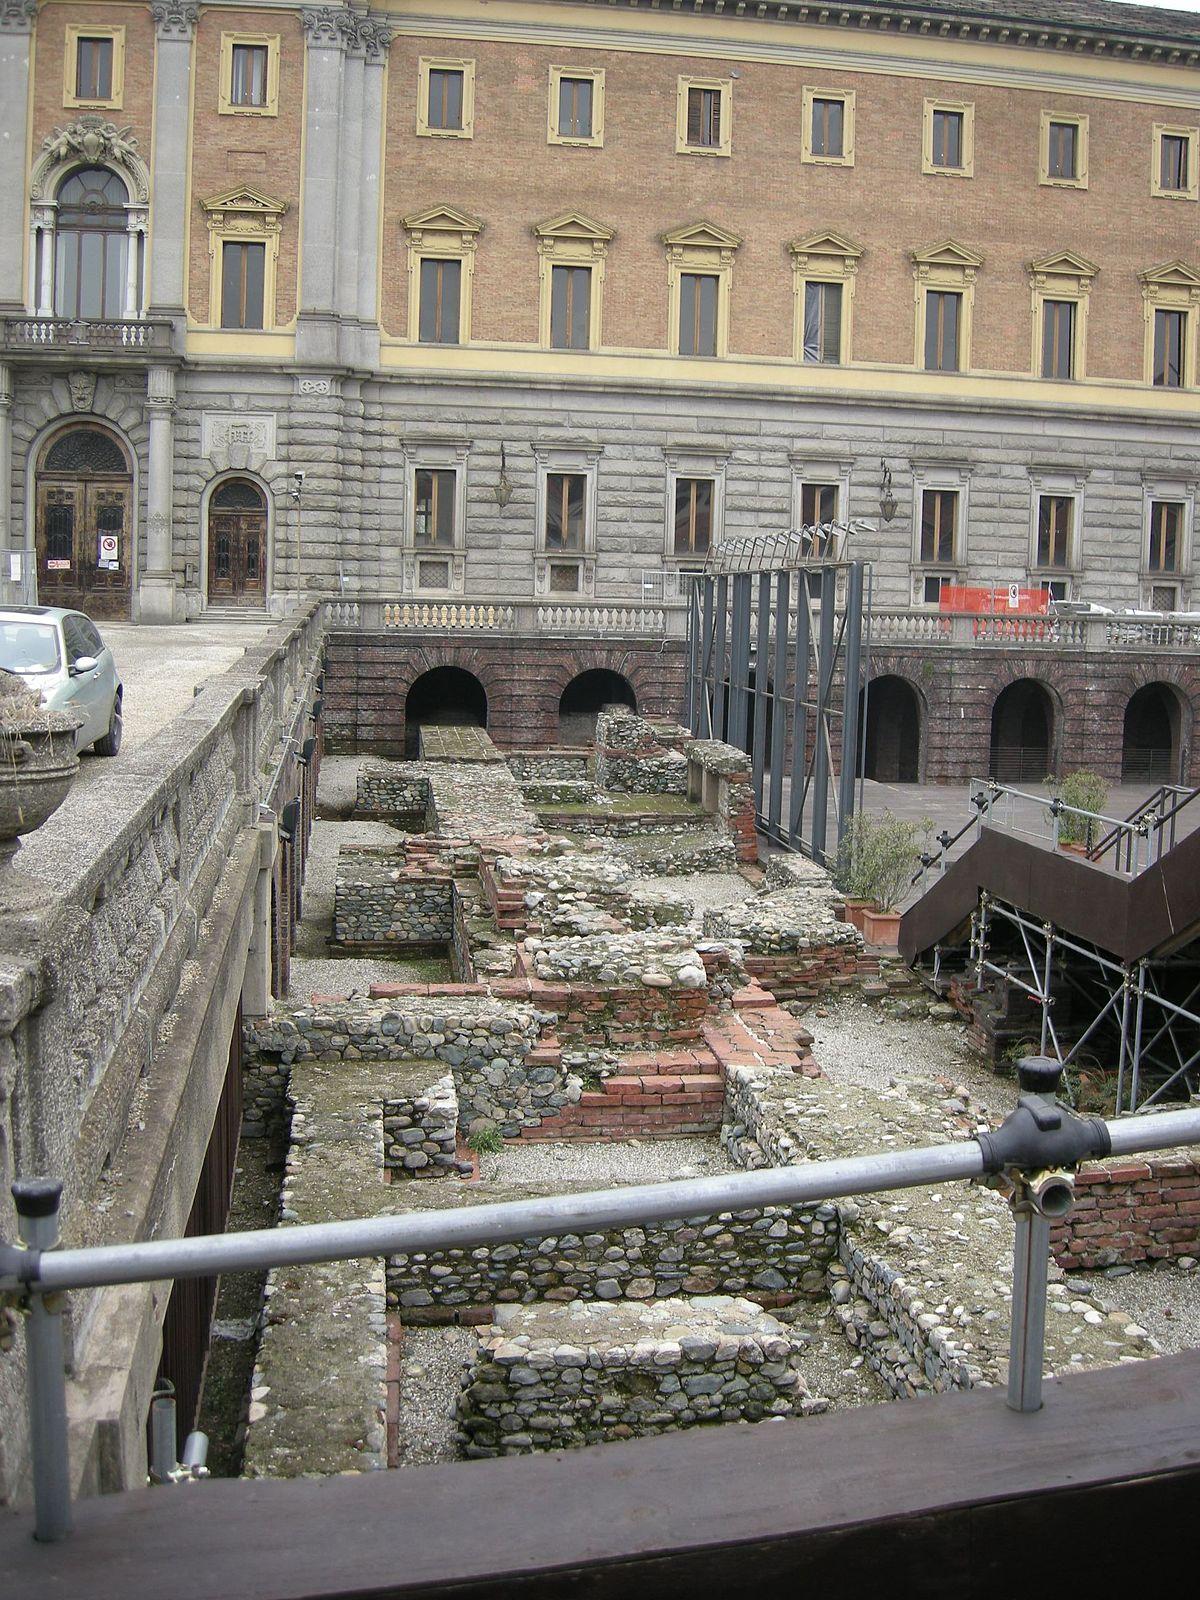 1200px Teatro romano di torino 01 JPG